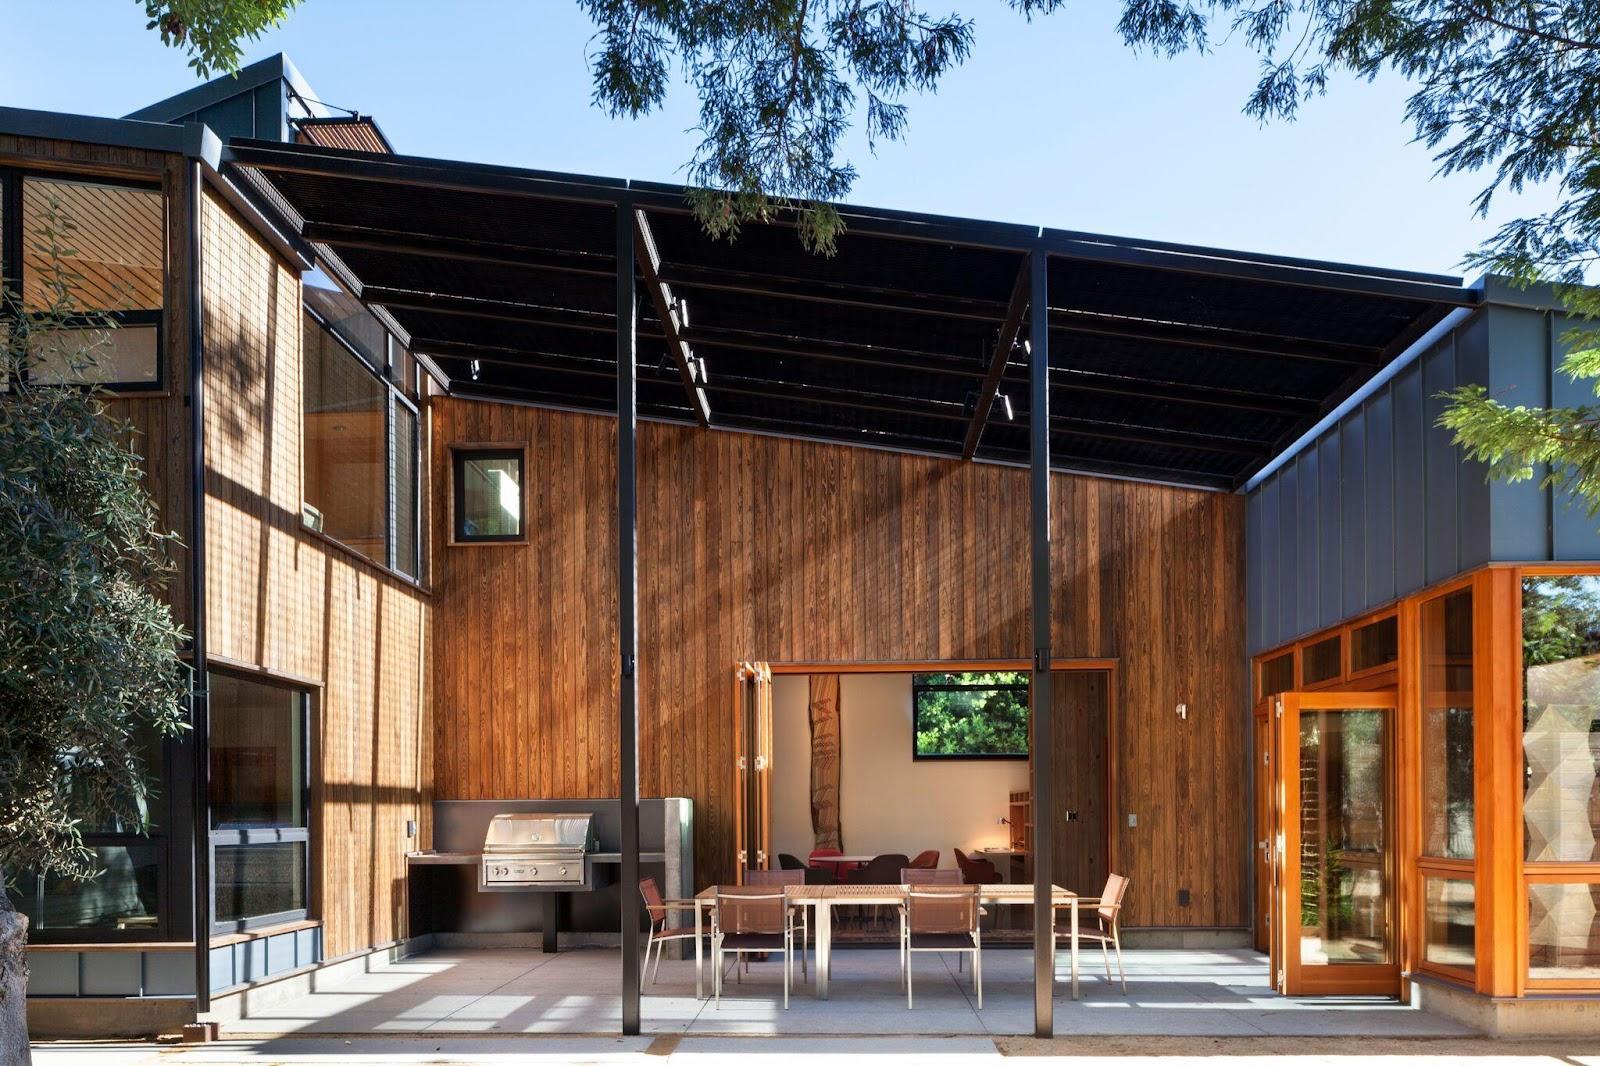 Holzverkleidung für ein energieeffizientes Haus